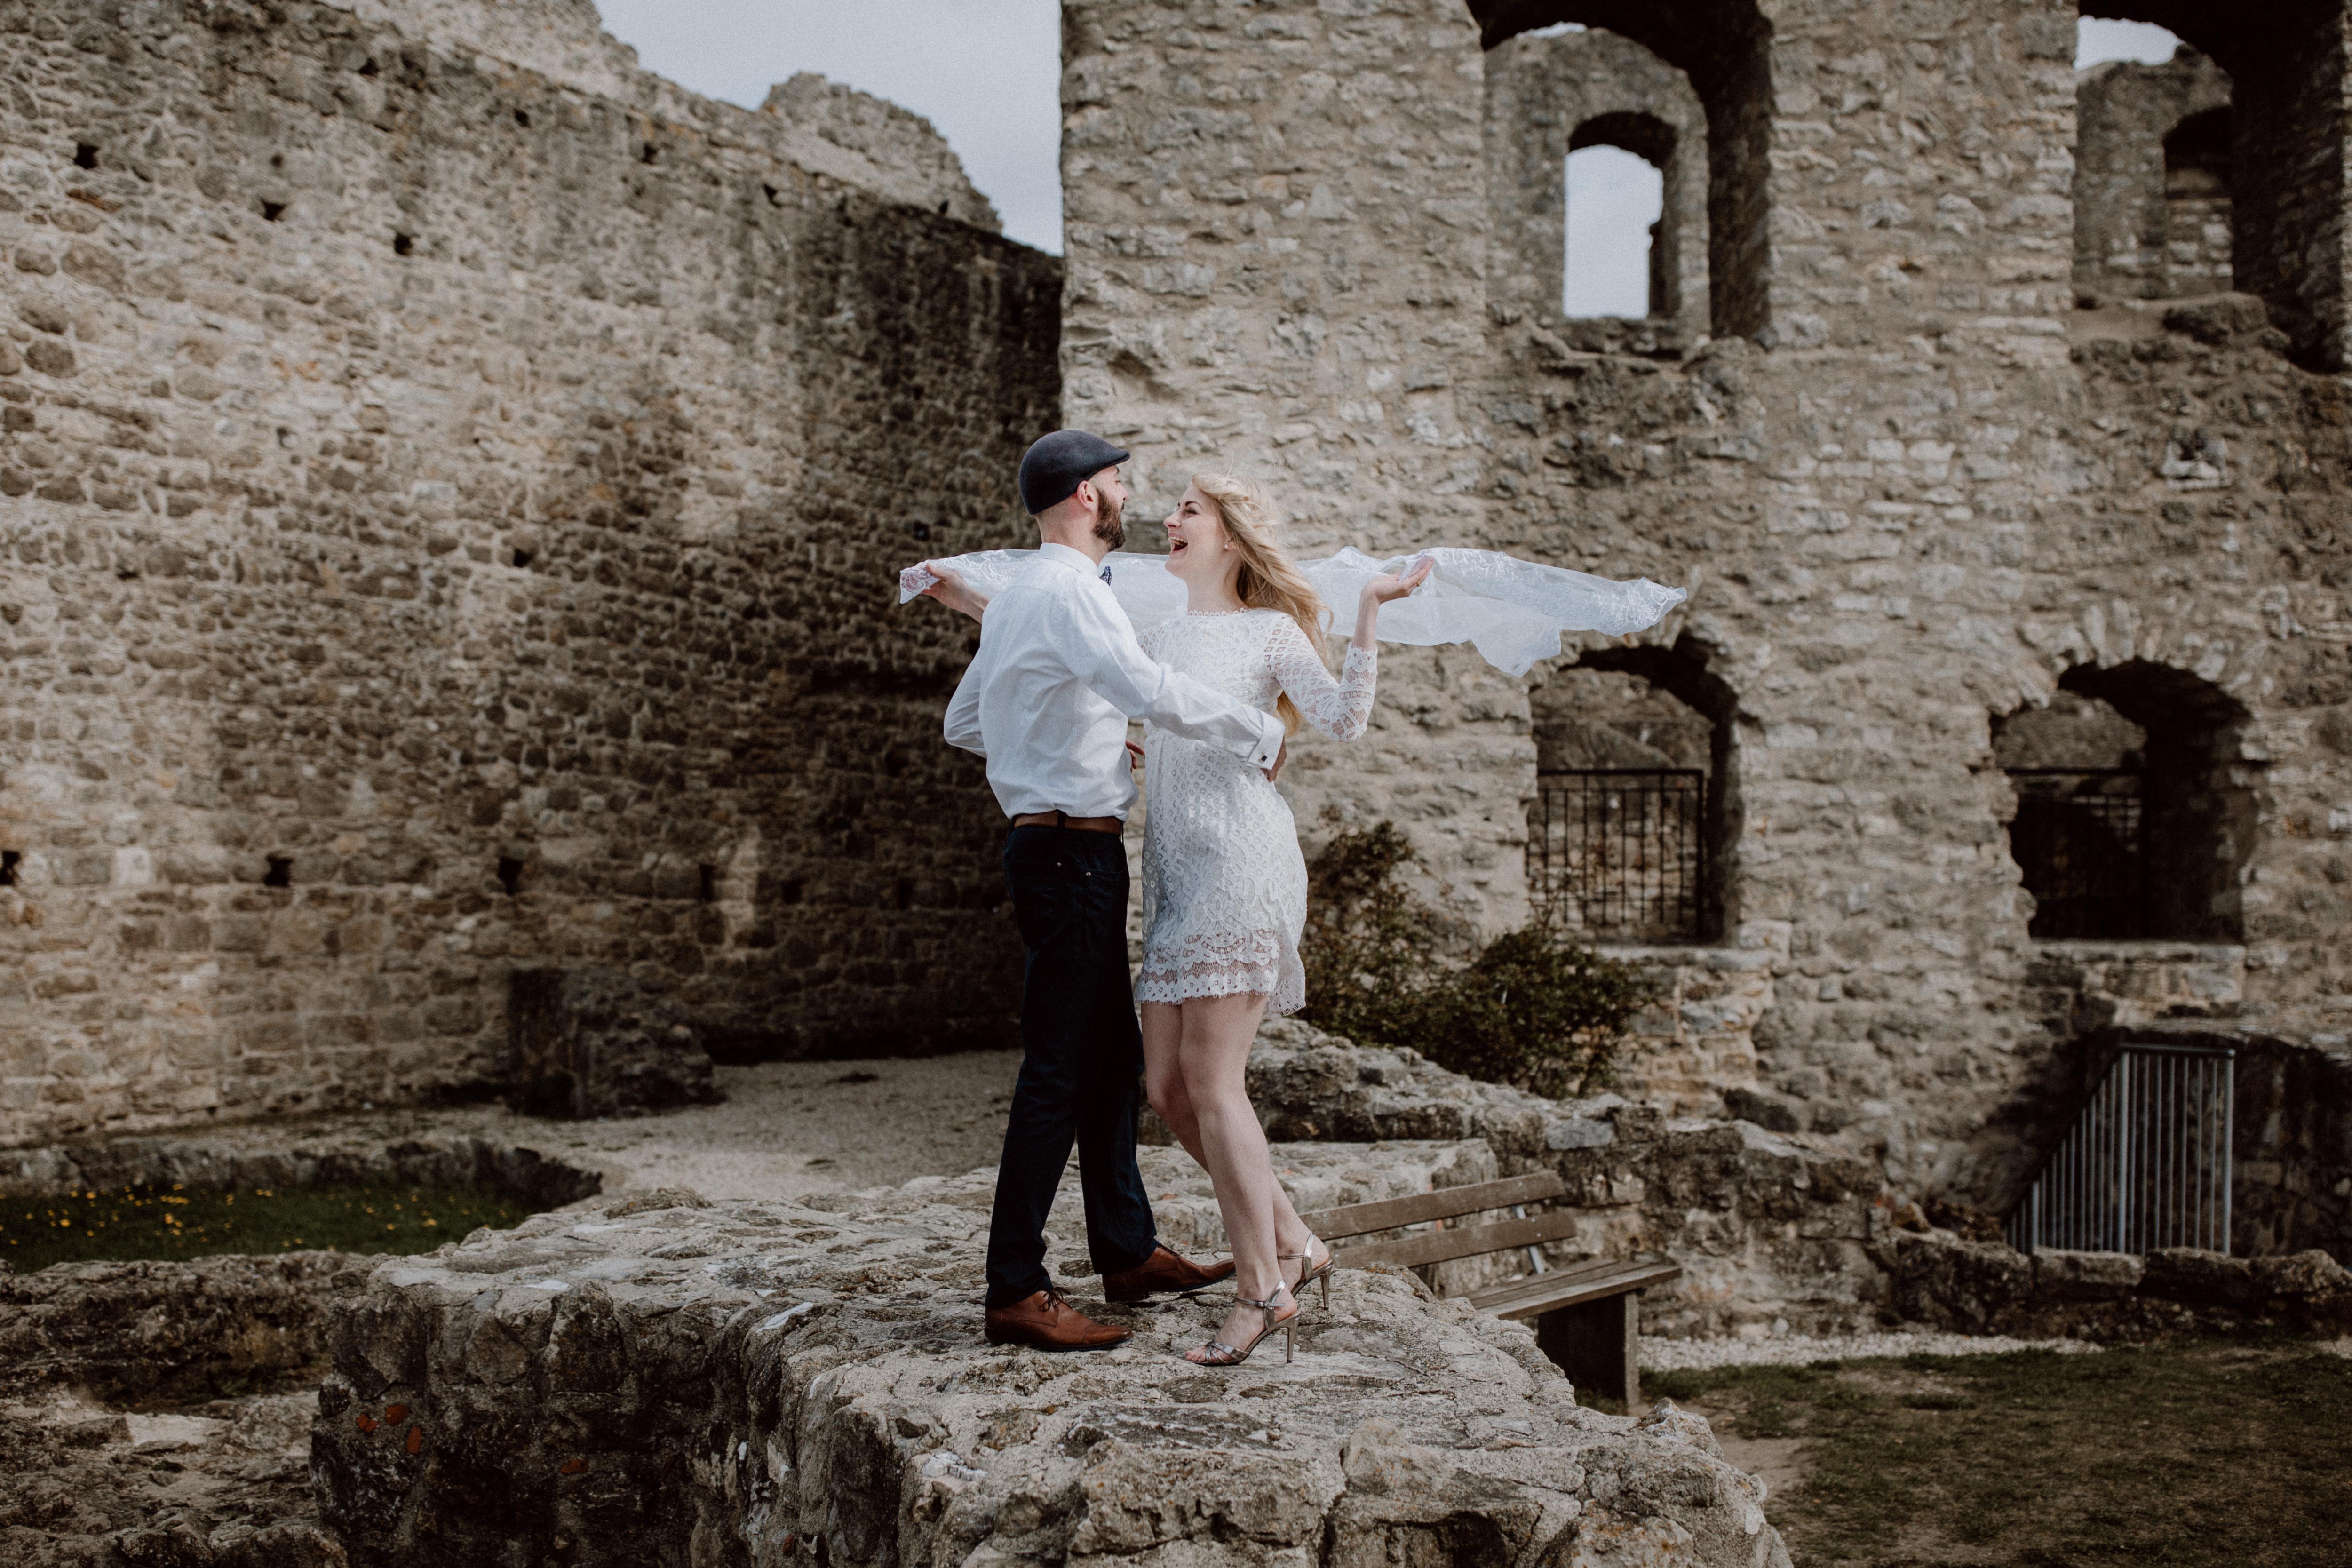 URBANERIE_Daniela_Goth_Hochzeitsfotografin_Nürnberg_Fürth_Erlangen_Schwabach_170415_001_0084